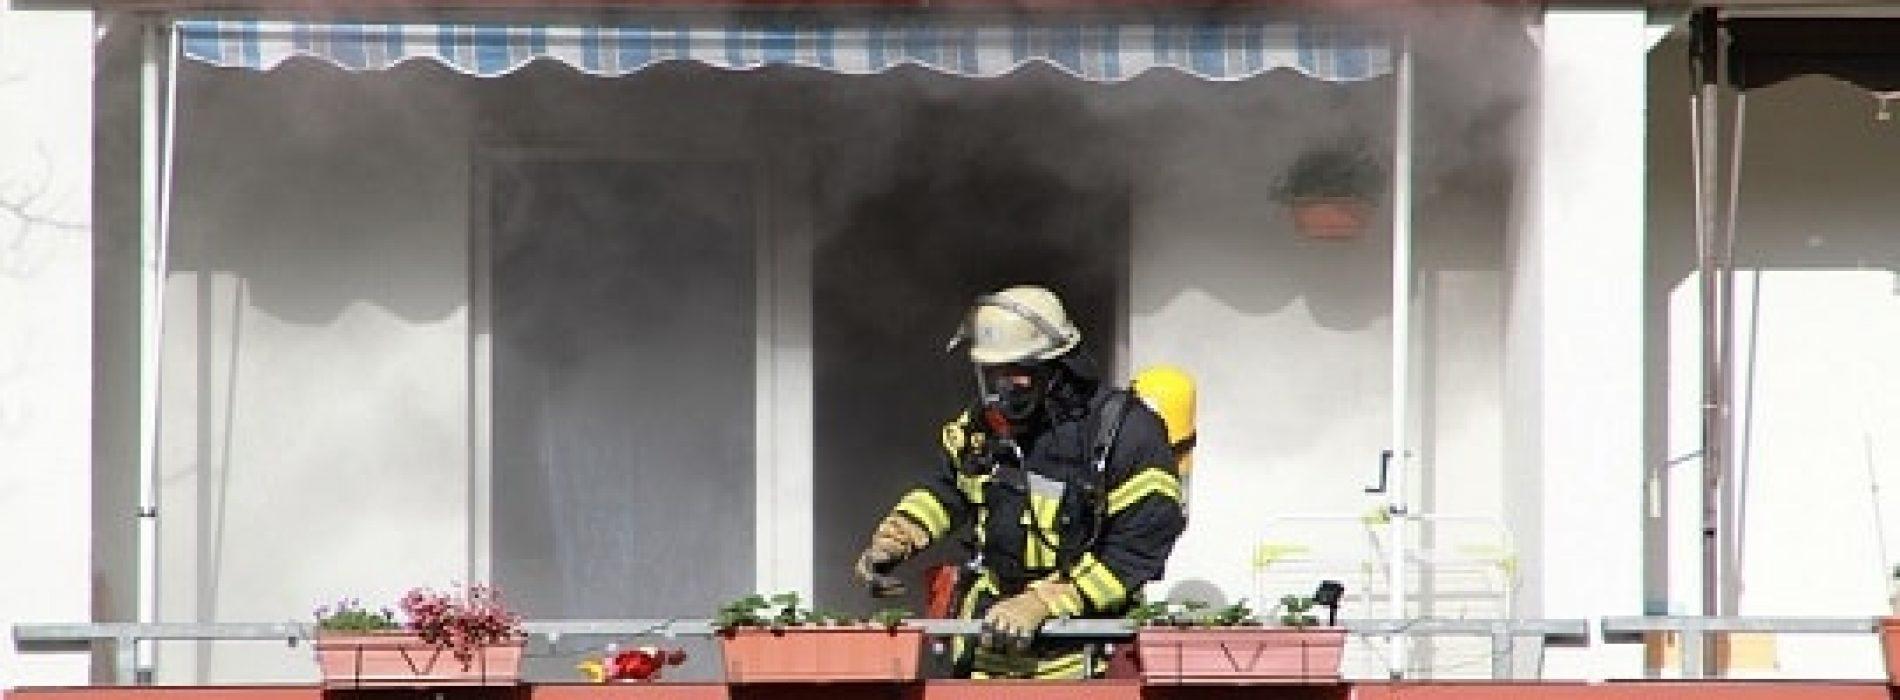 Seriekoblet røykvarsler gir best sikkerhet